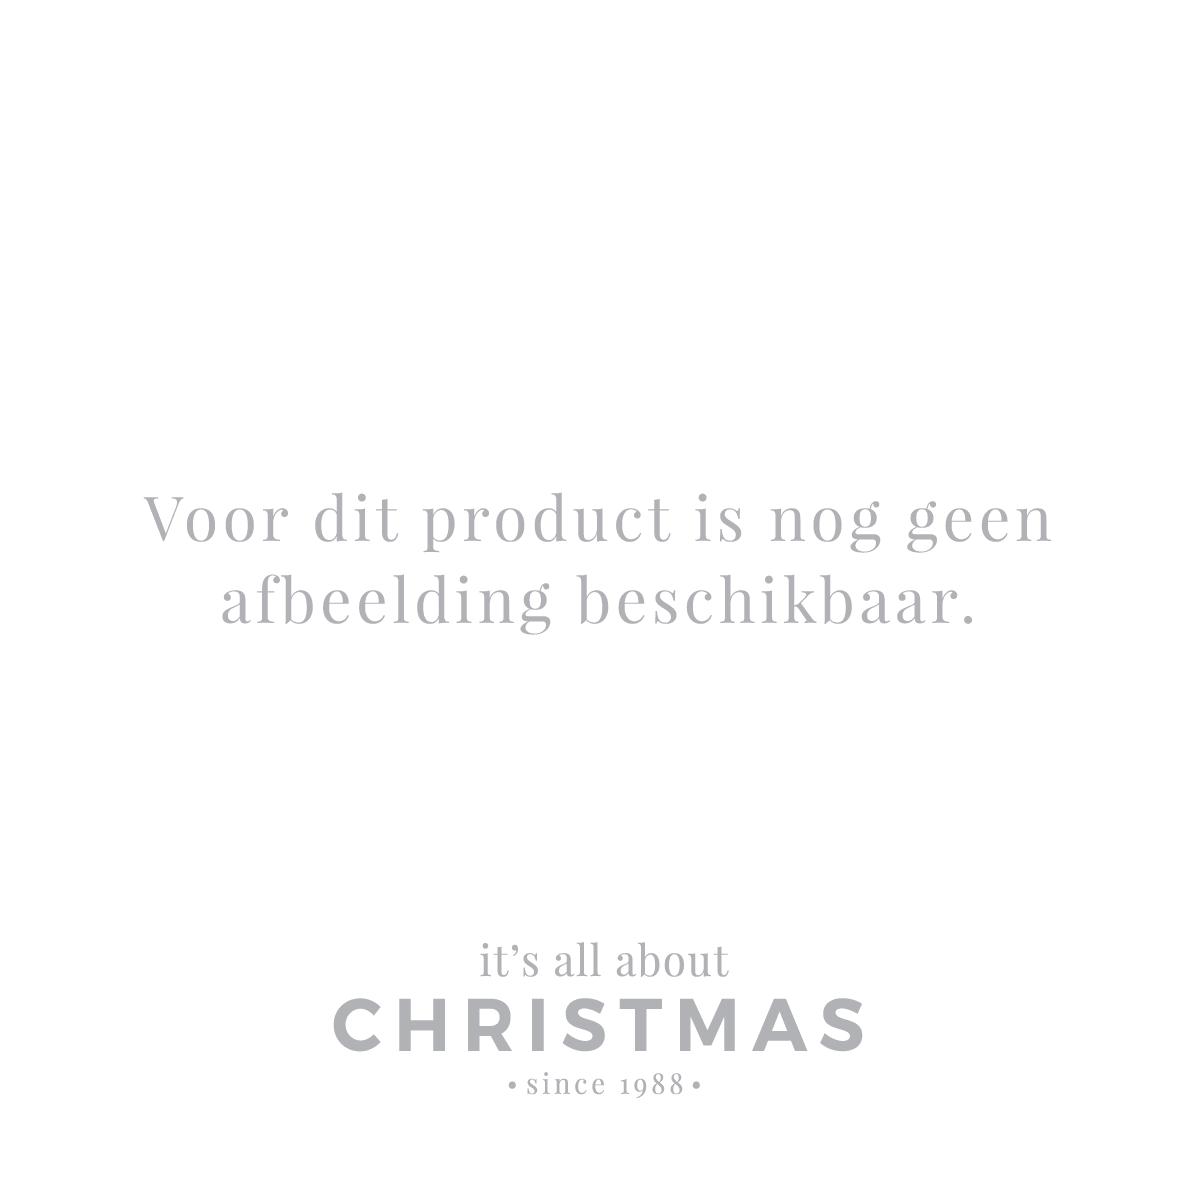 Schwarz Weiße Christbaumkugeln.Weiße Christbaumkugeln Günstig Kaufen Weihnachtsdekoration At